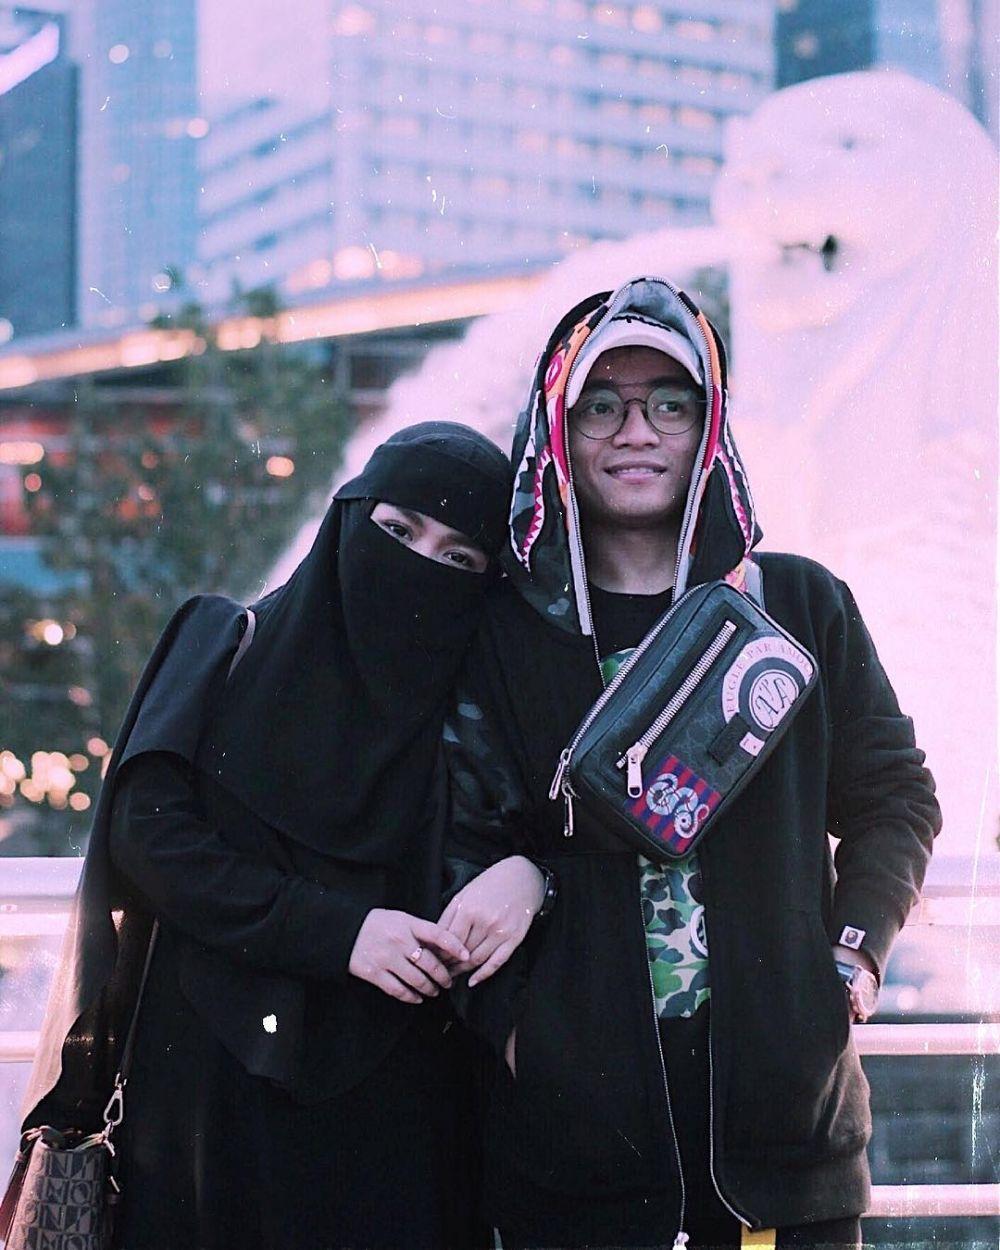 taqy malik dan adiknya © 2019 brilio.net